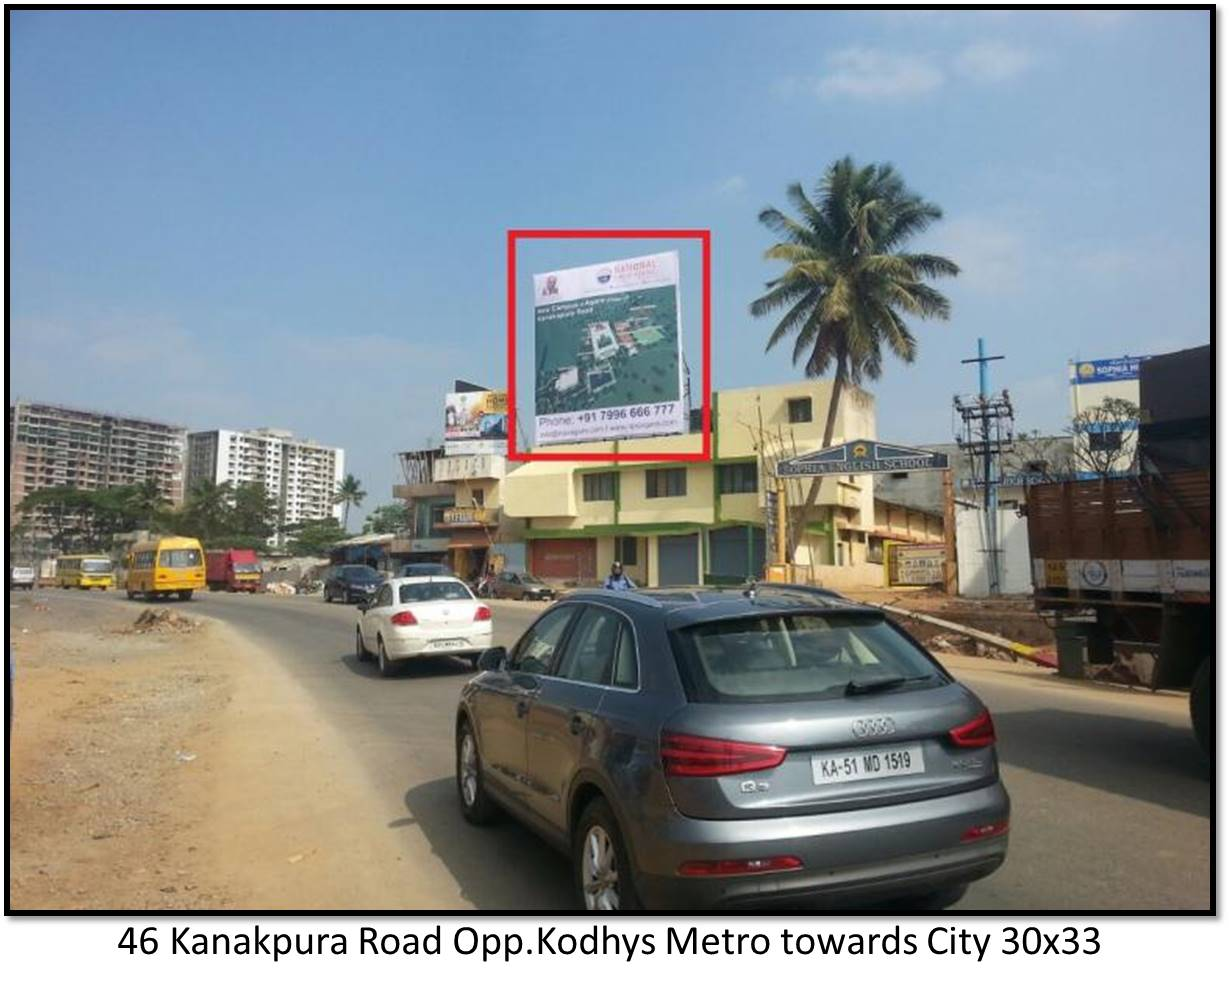 Kanakpura Road Opp.Kodhys Metro, Bengaluru